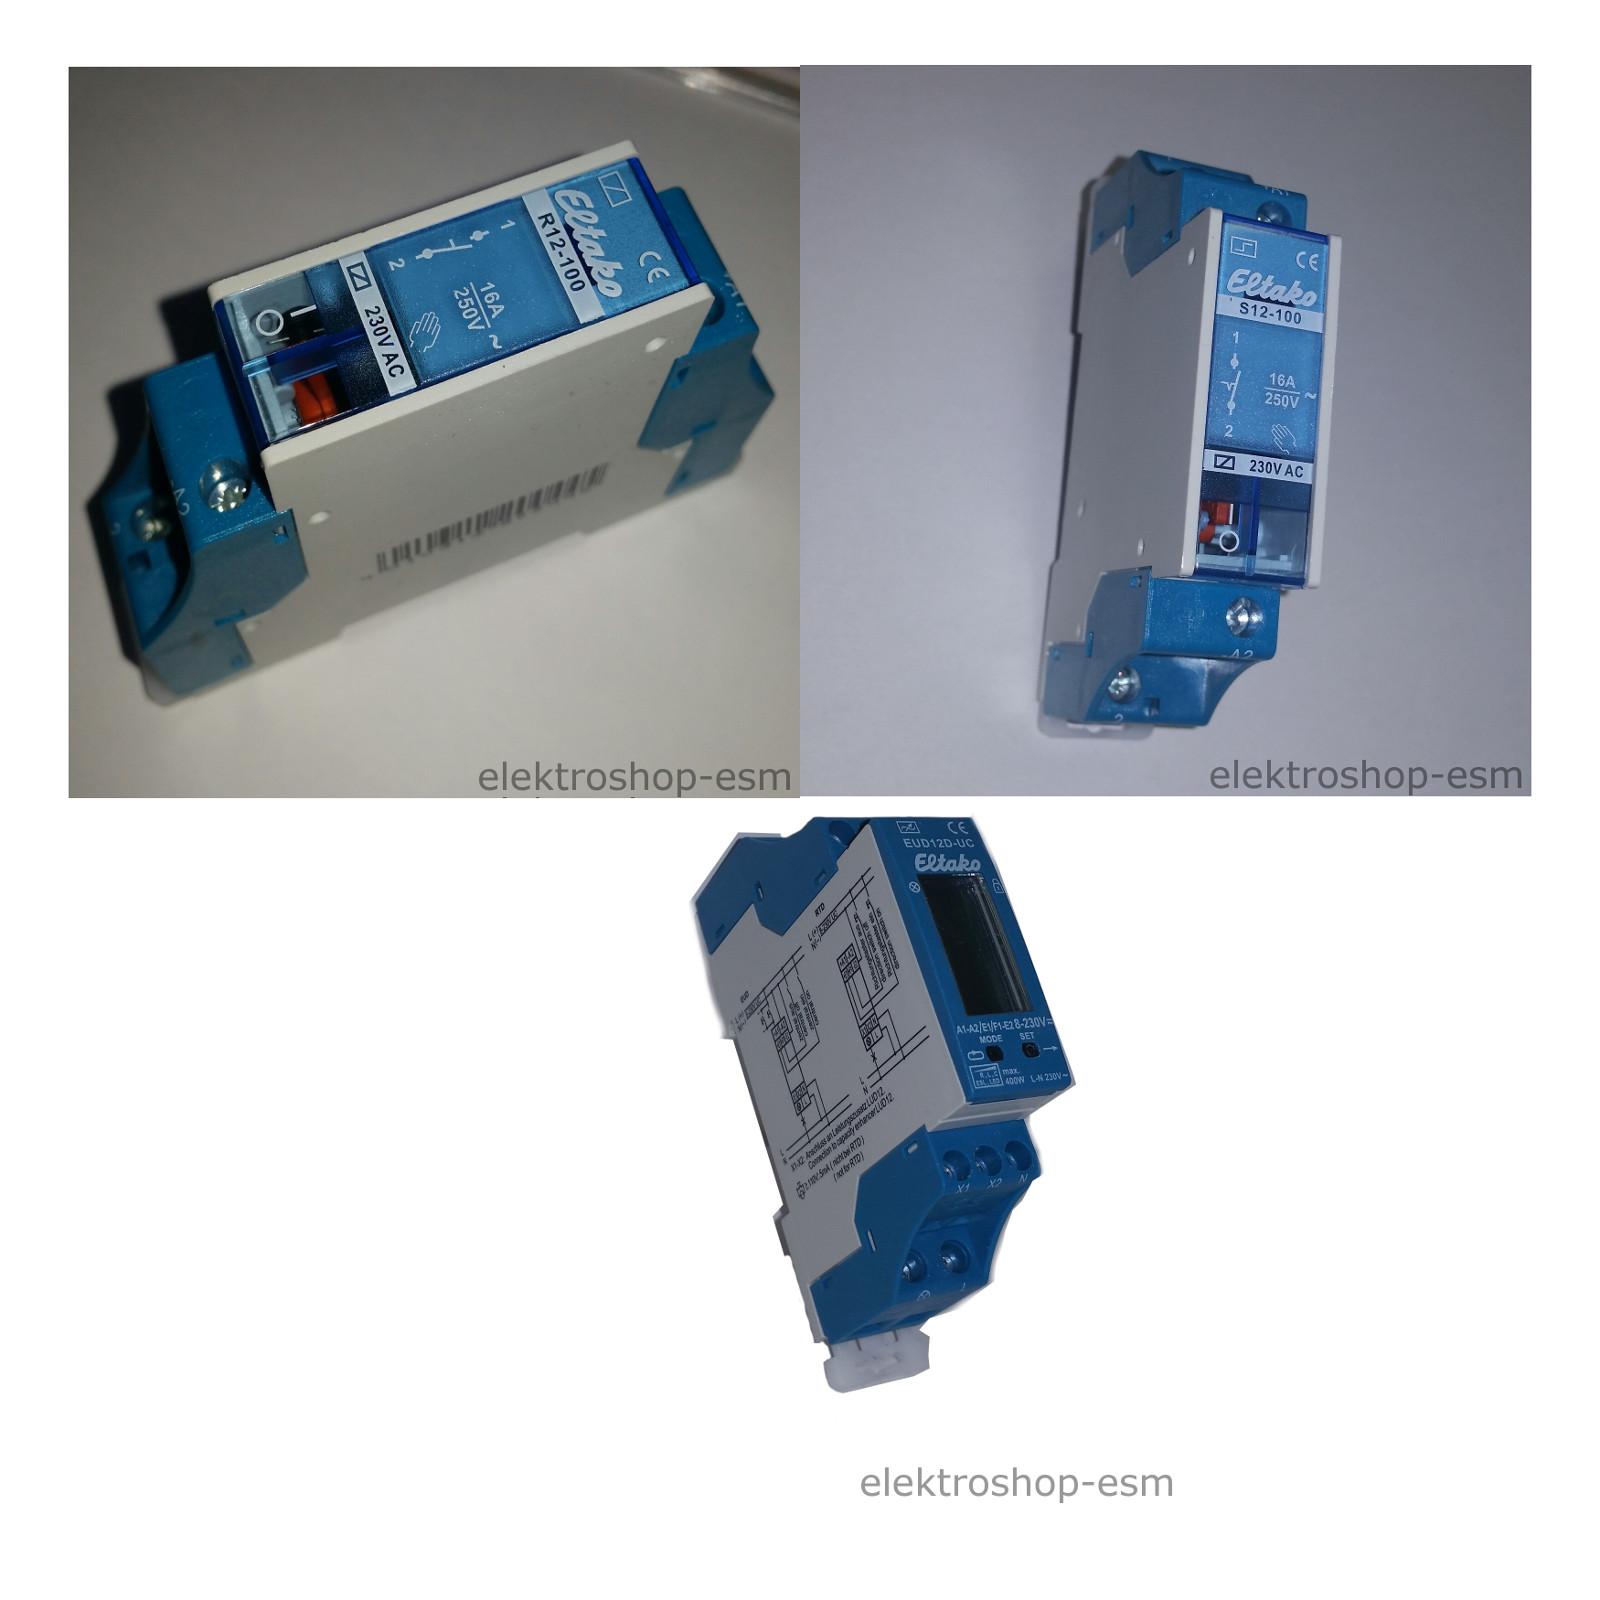 Eltako Stromstoßschalter Schaltrelais 1 Schließer 12VAC oder 230VAC